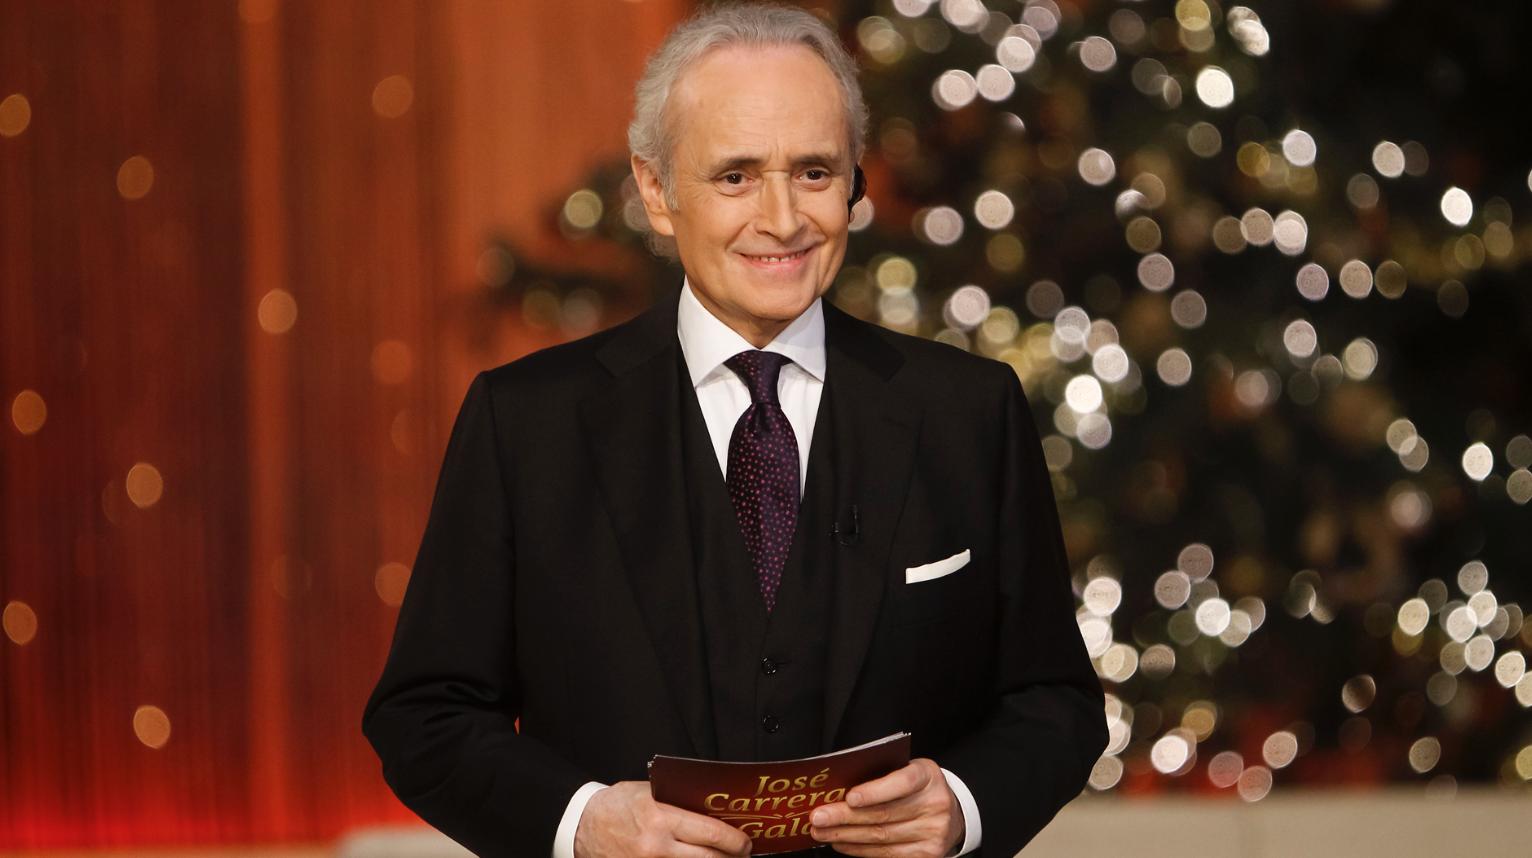 Χριστουγεννιάτικες ιδέες από τους διασημότητες Jose Carreras